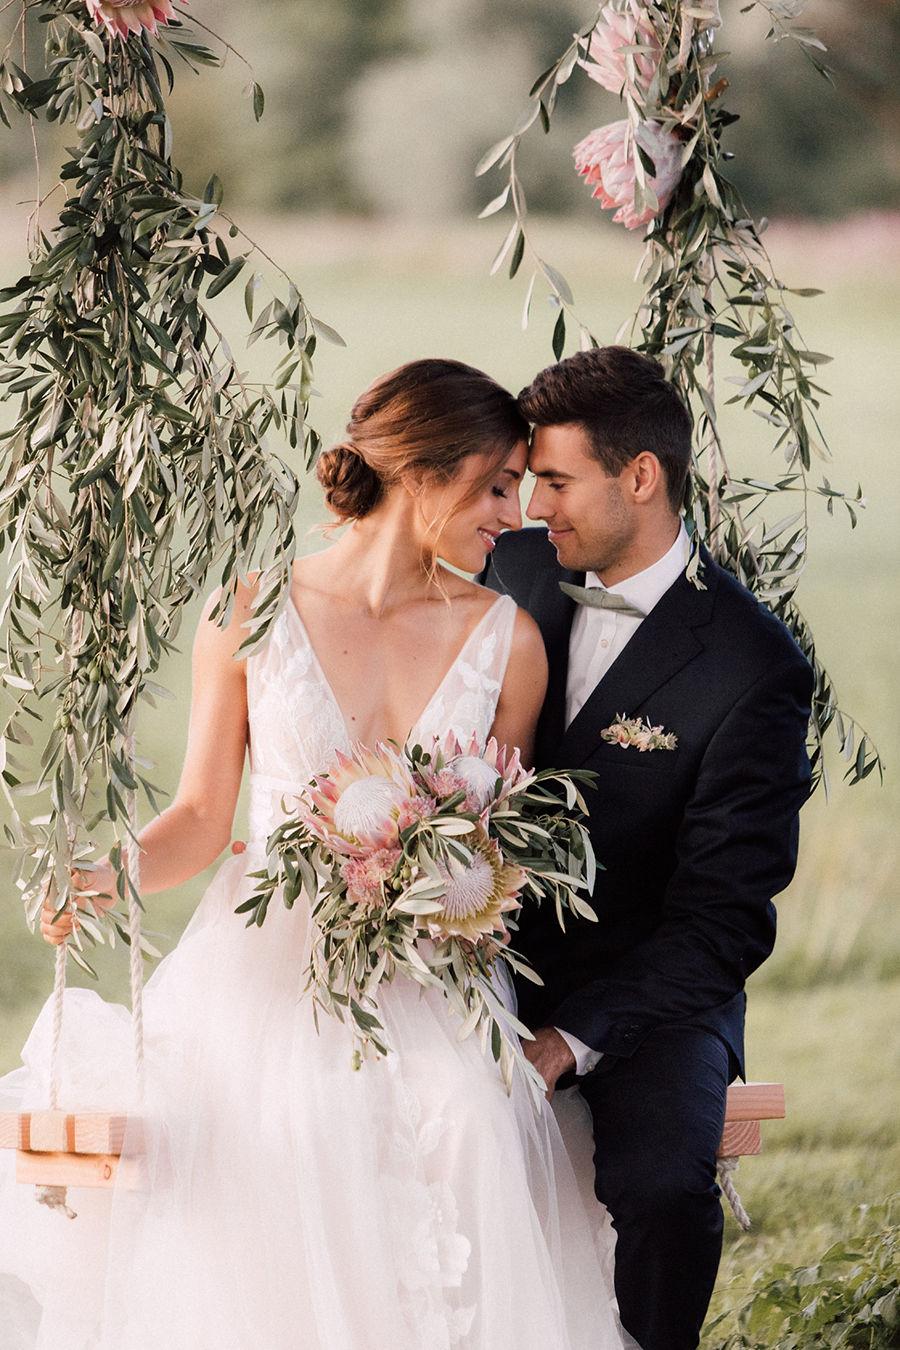 Die Hochzeitsinspiration mit Olivenzweigen